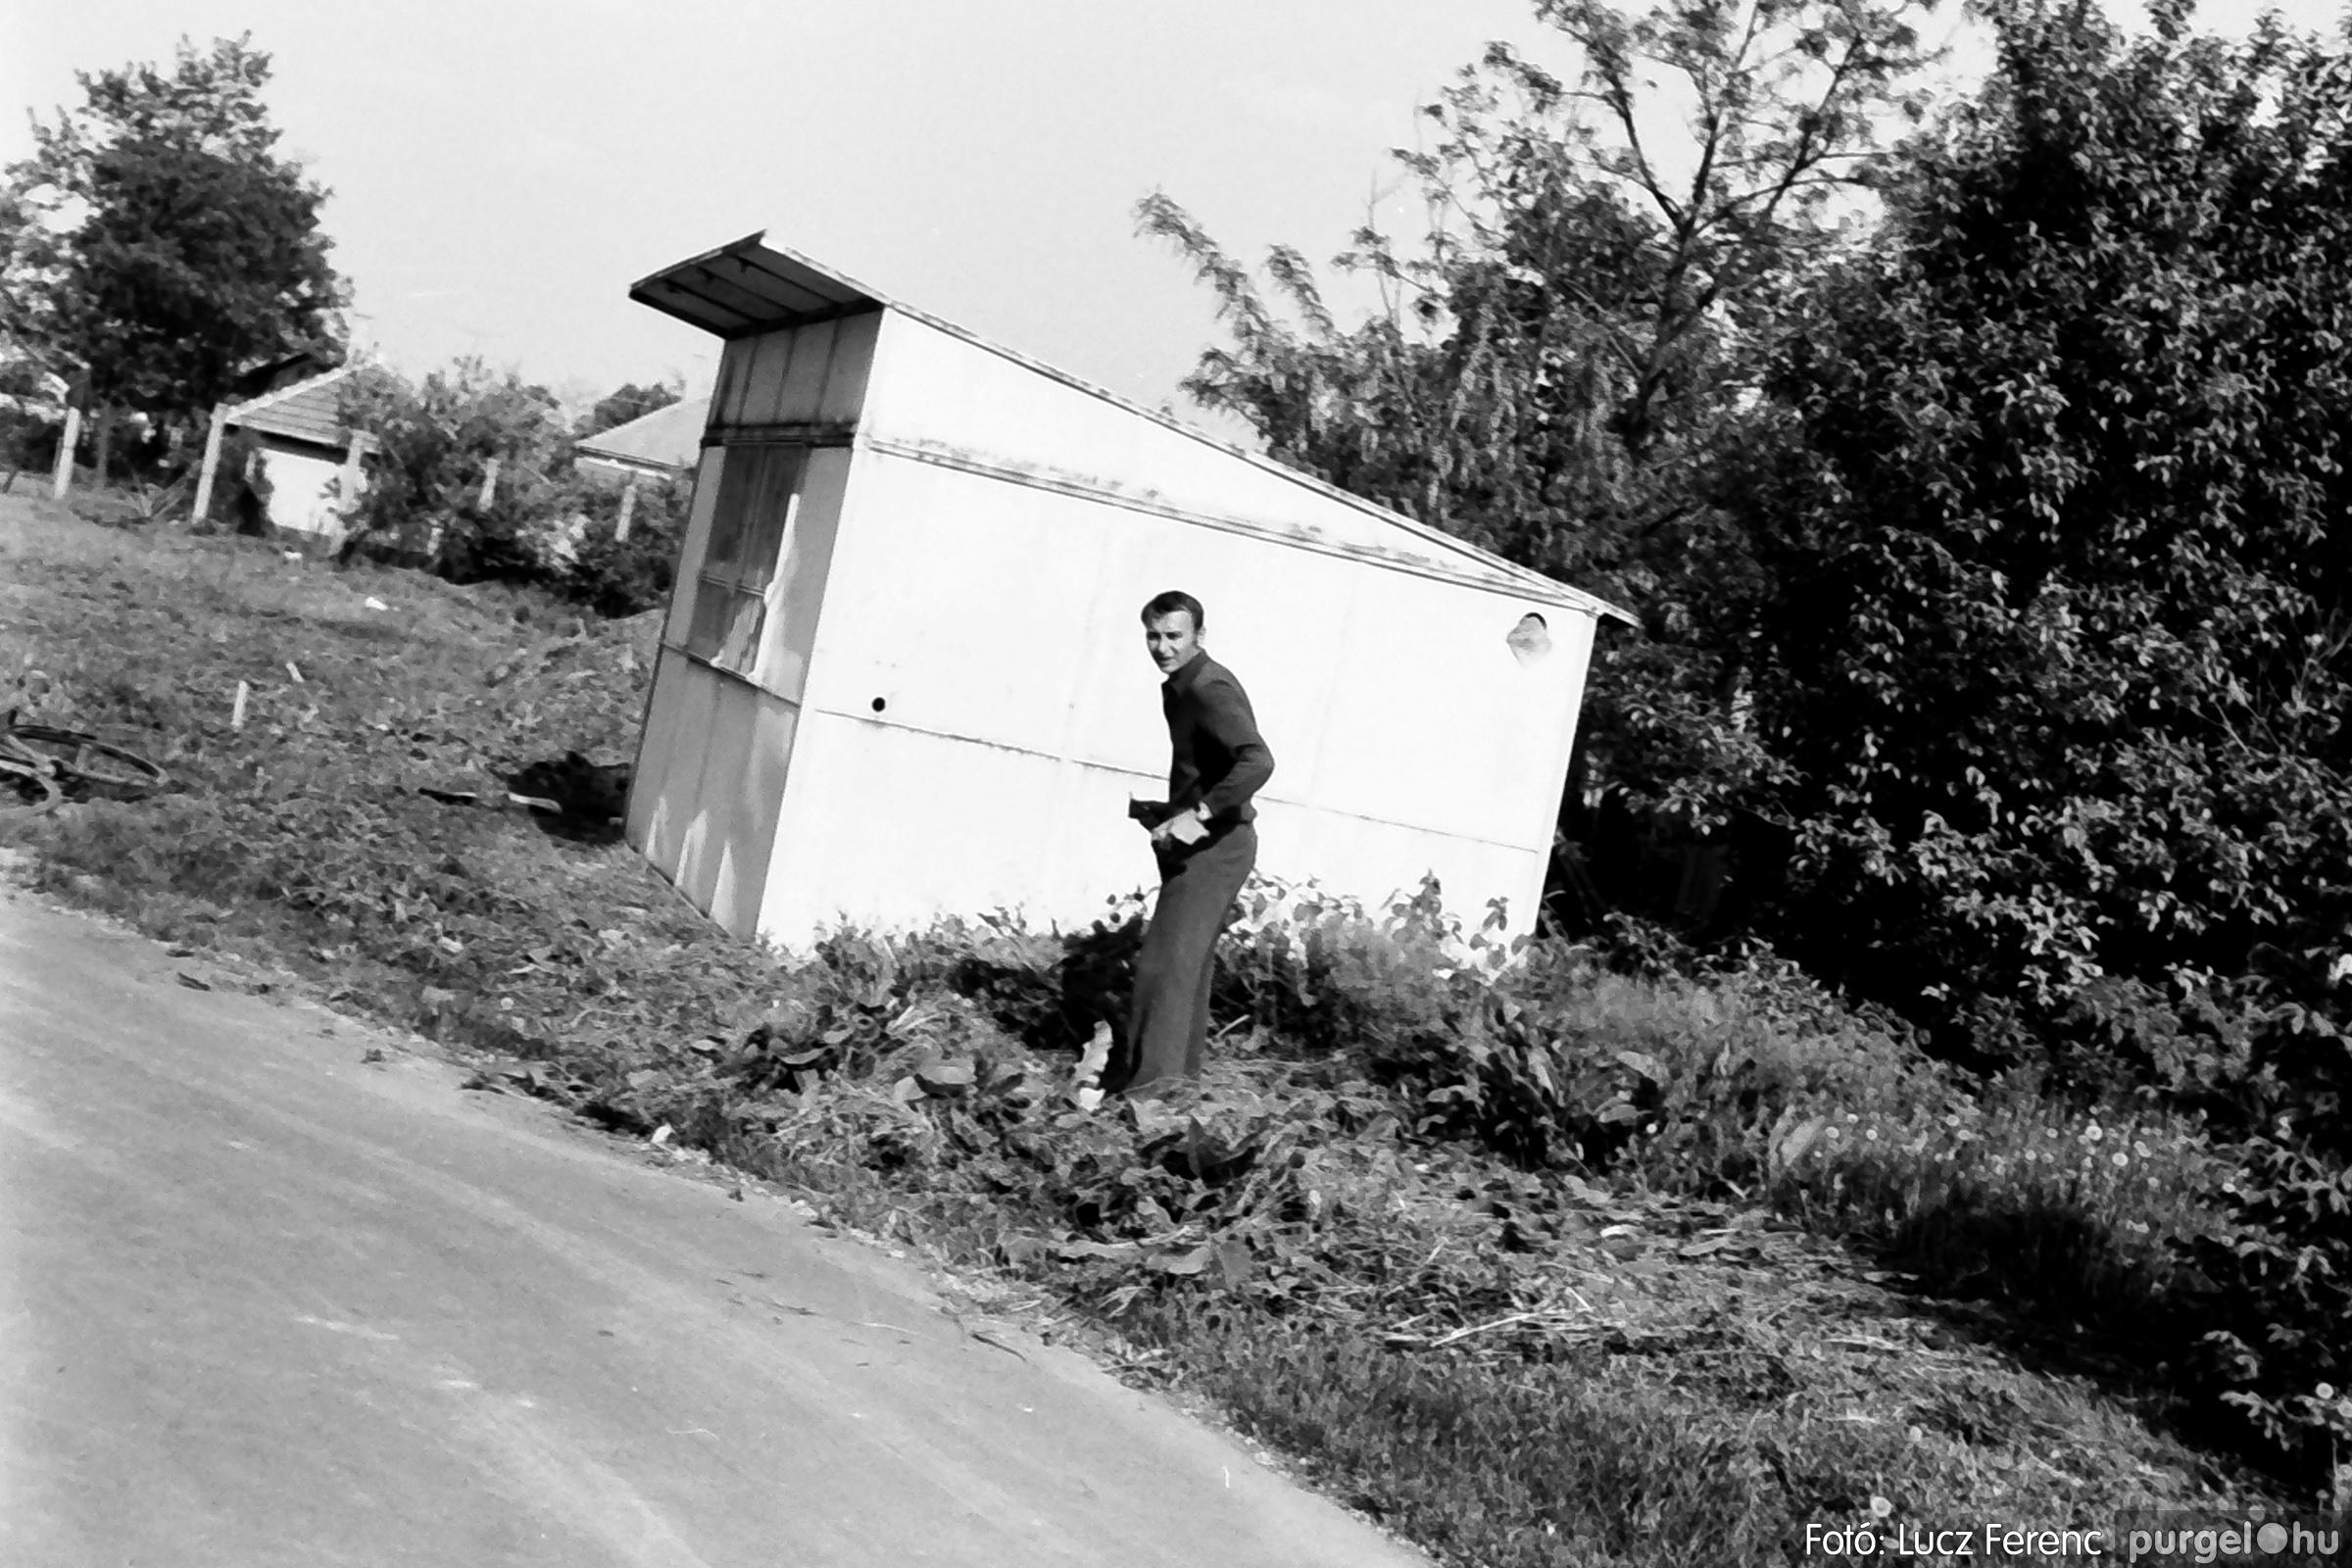 048, 051. 1976. Társadalmi munka 001. - Fotó: Lucz Ferenc.jpg